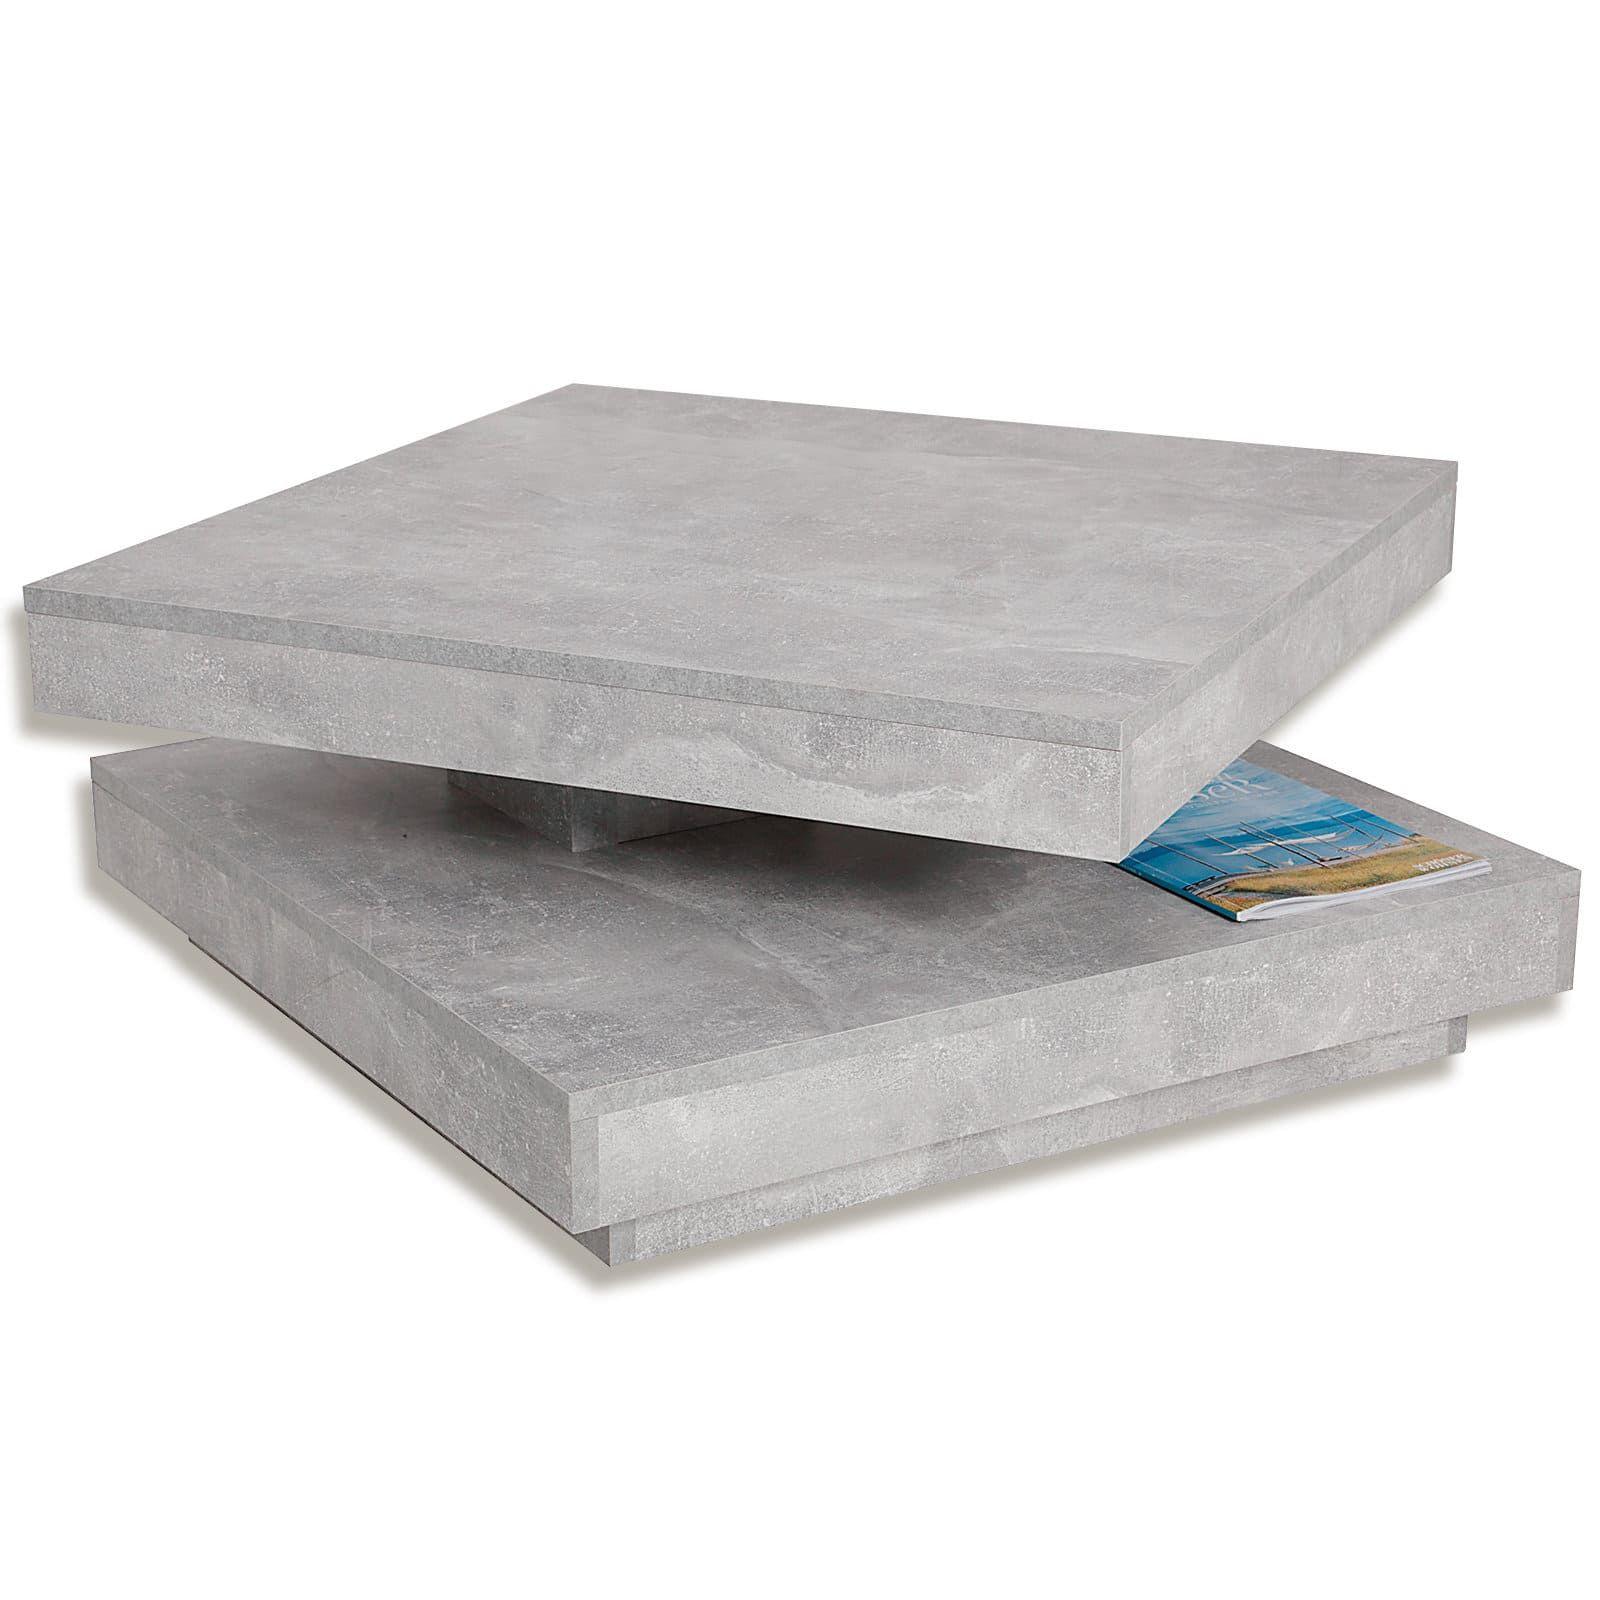 Pin By Ladendirekt On Tische In 2018 Tisch Couch Couchtisch